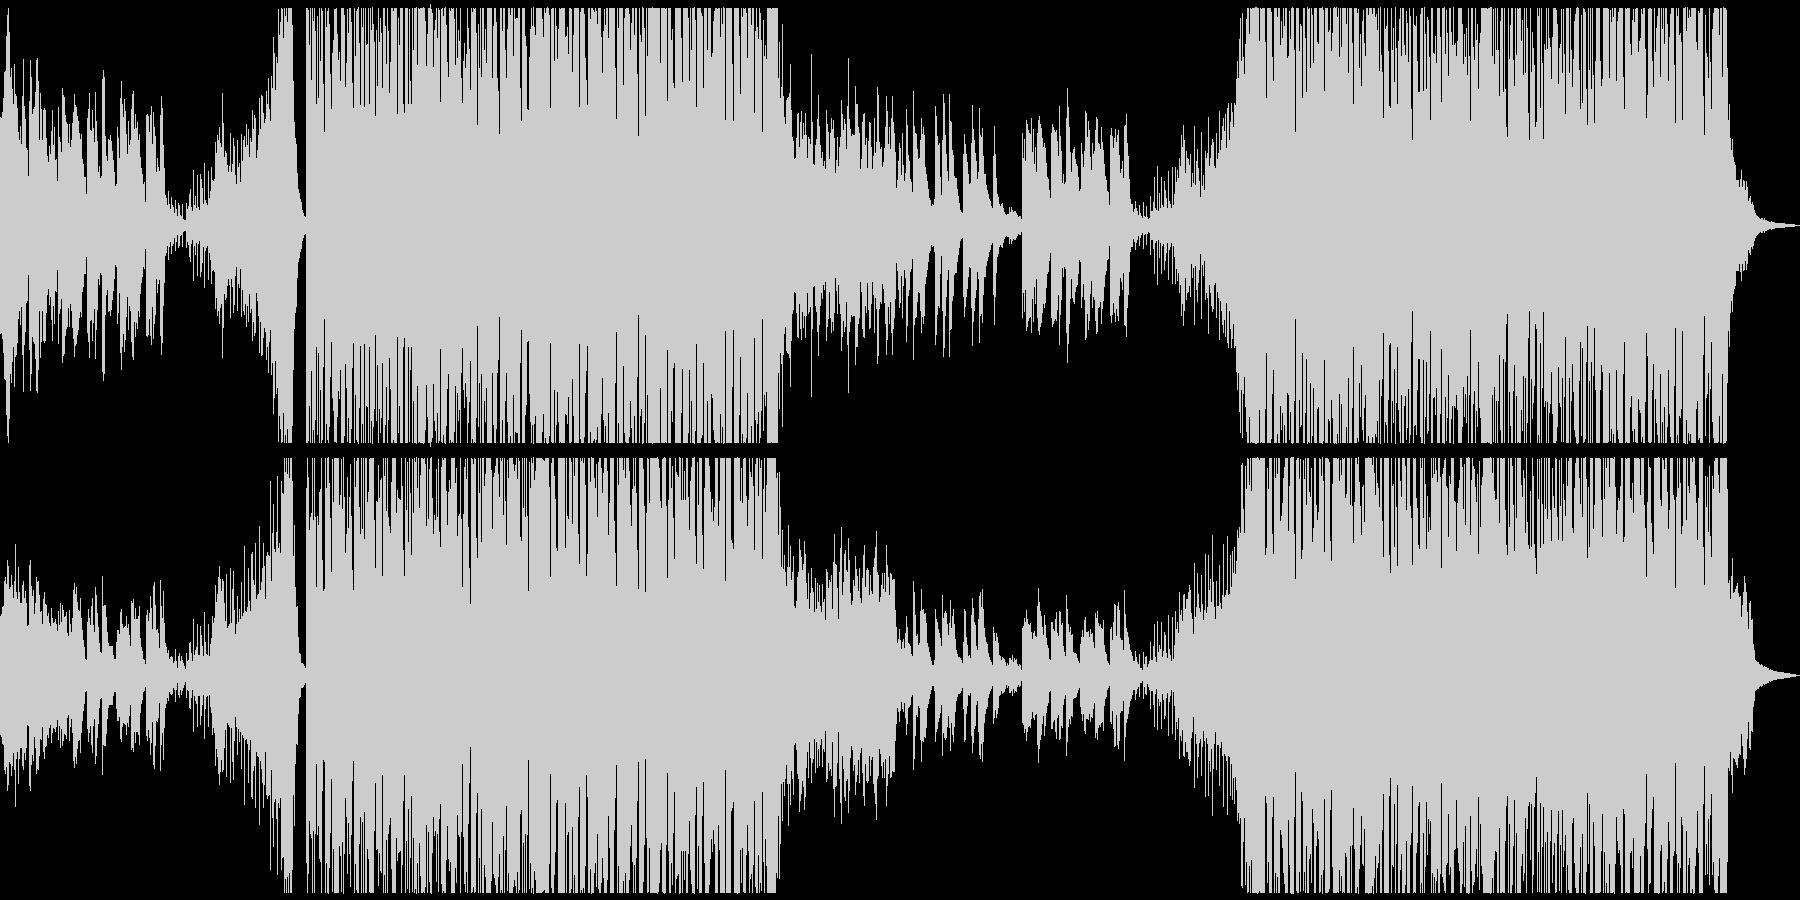 幻想的で力強い曲 電脳/森/ファンタジーの未再生の波形